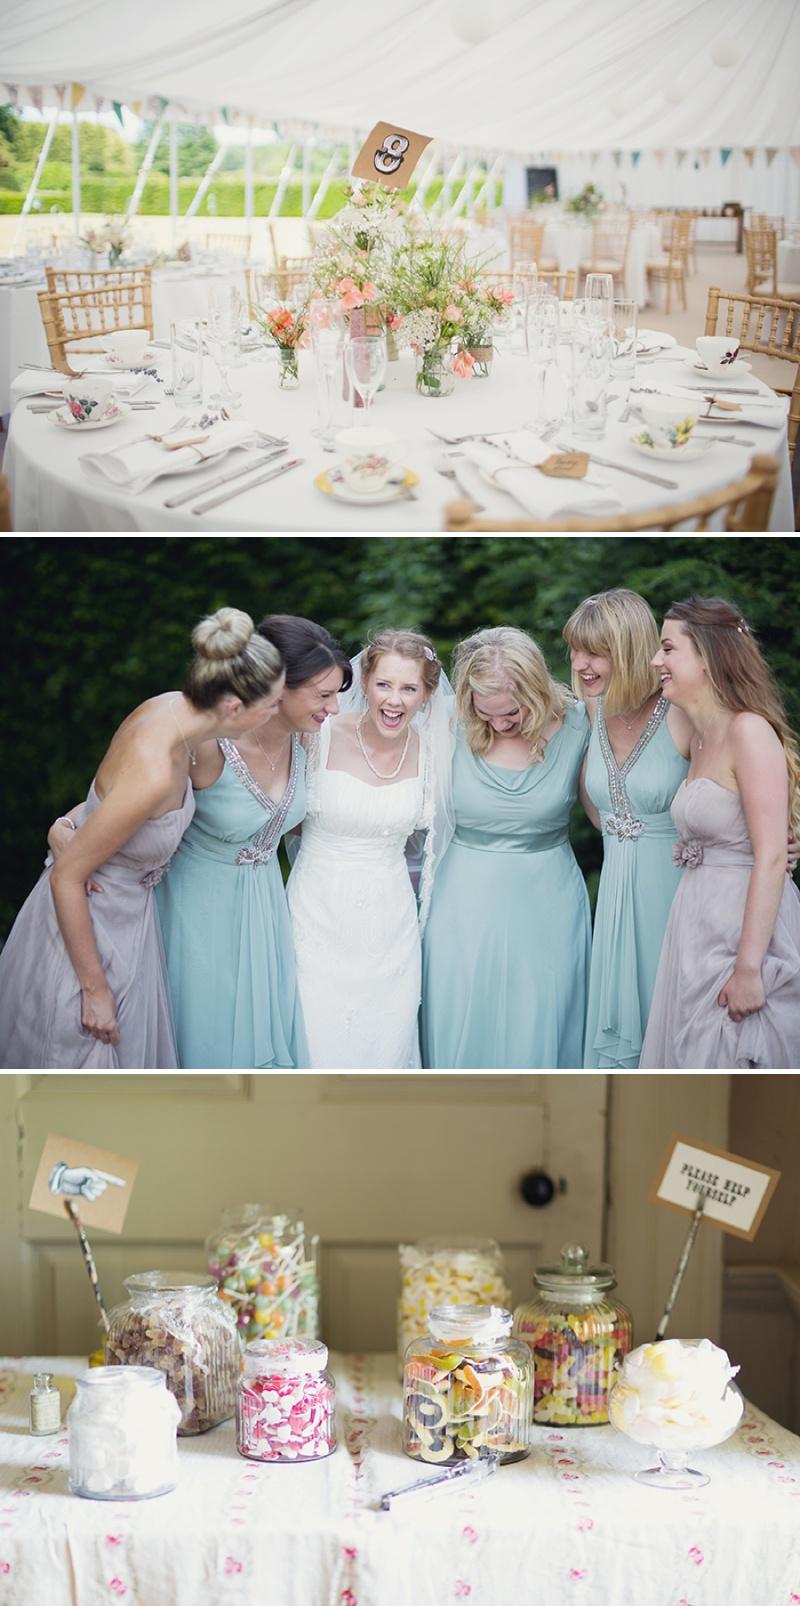 Anoushka G Wedding Dress Archives - ROCK MY WEDDING | UK WEDDING ...